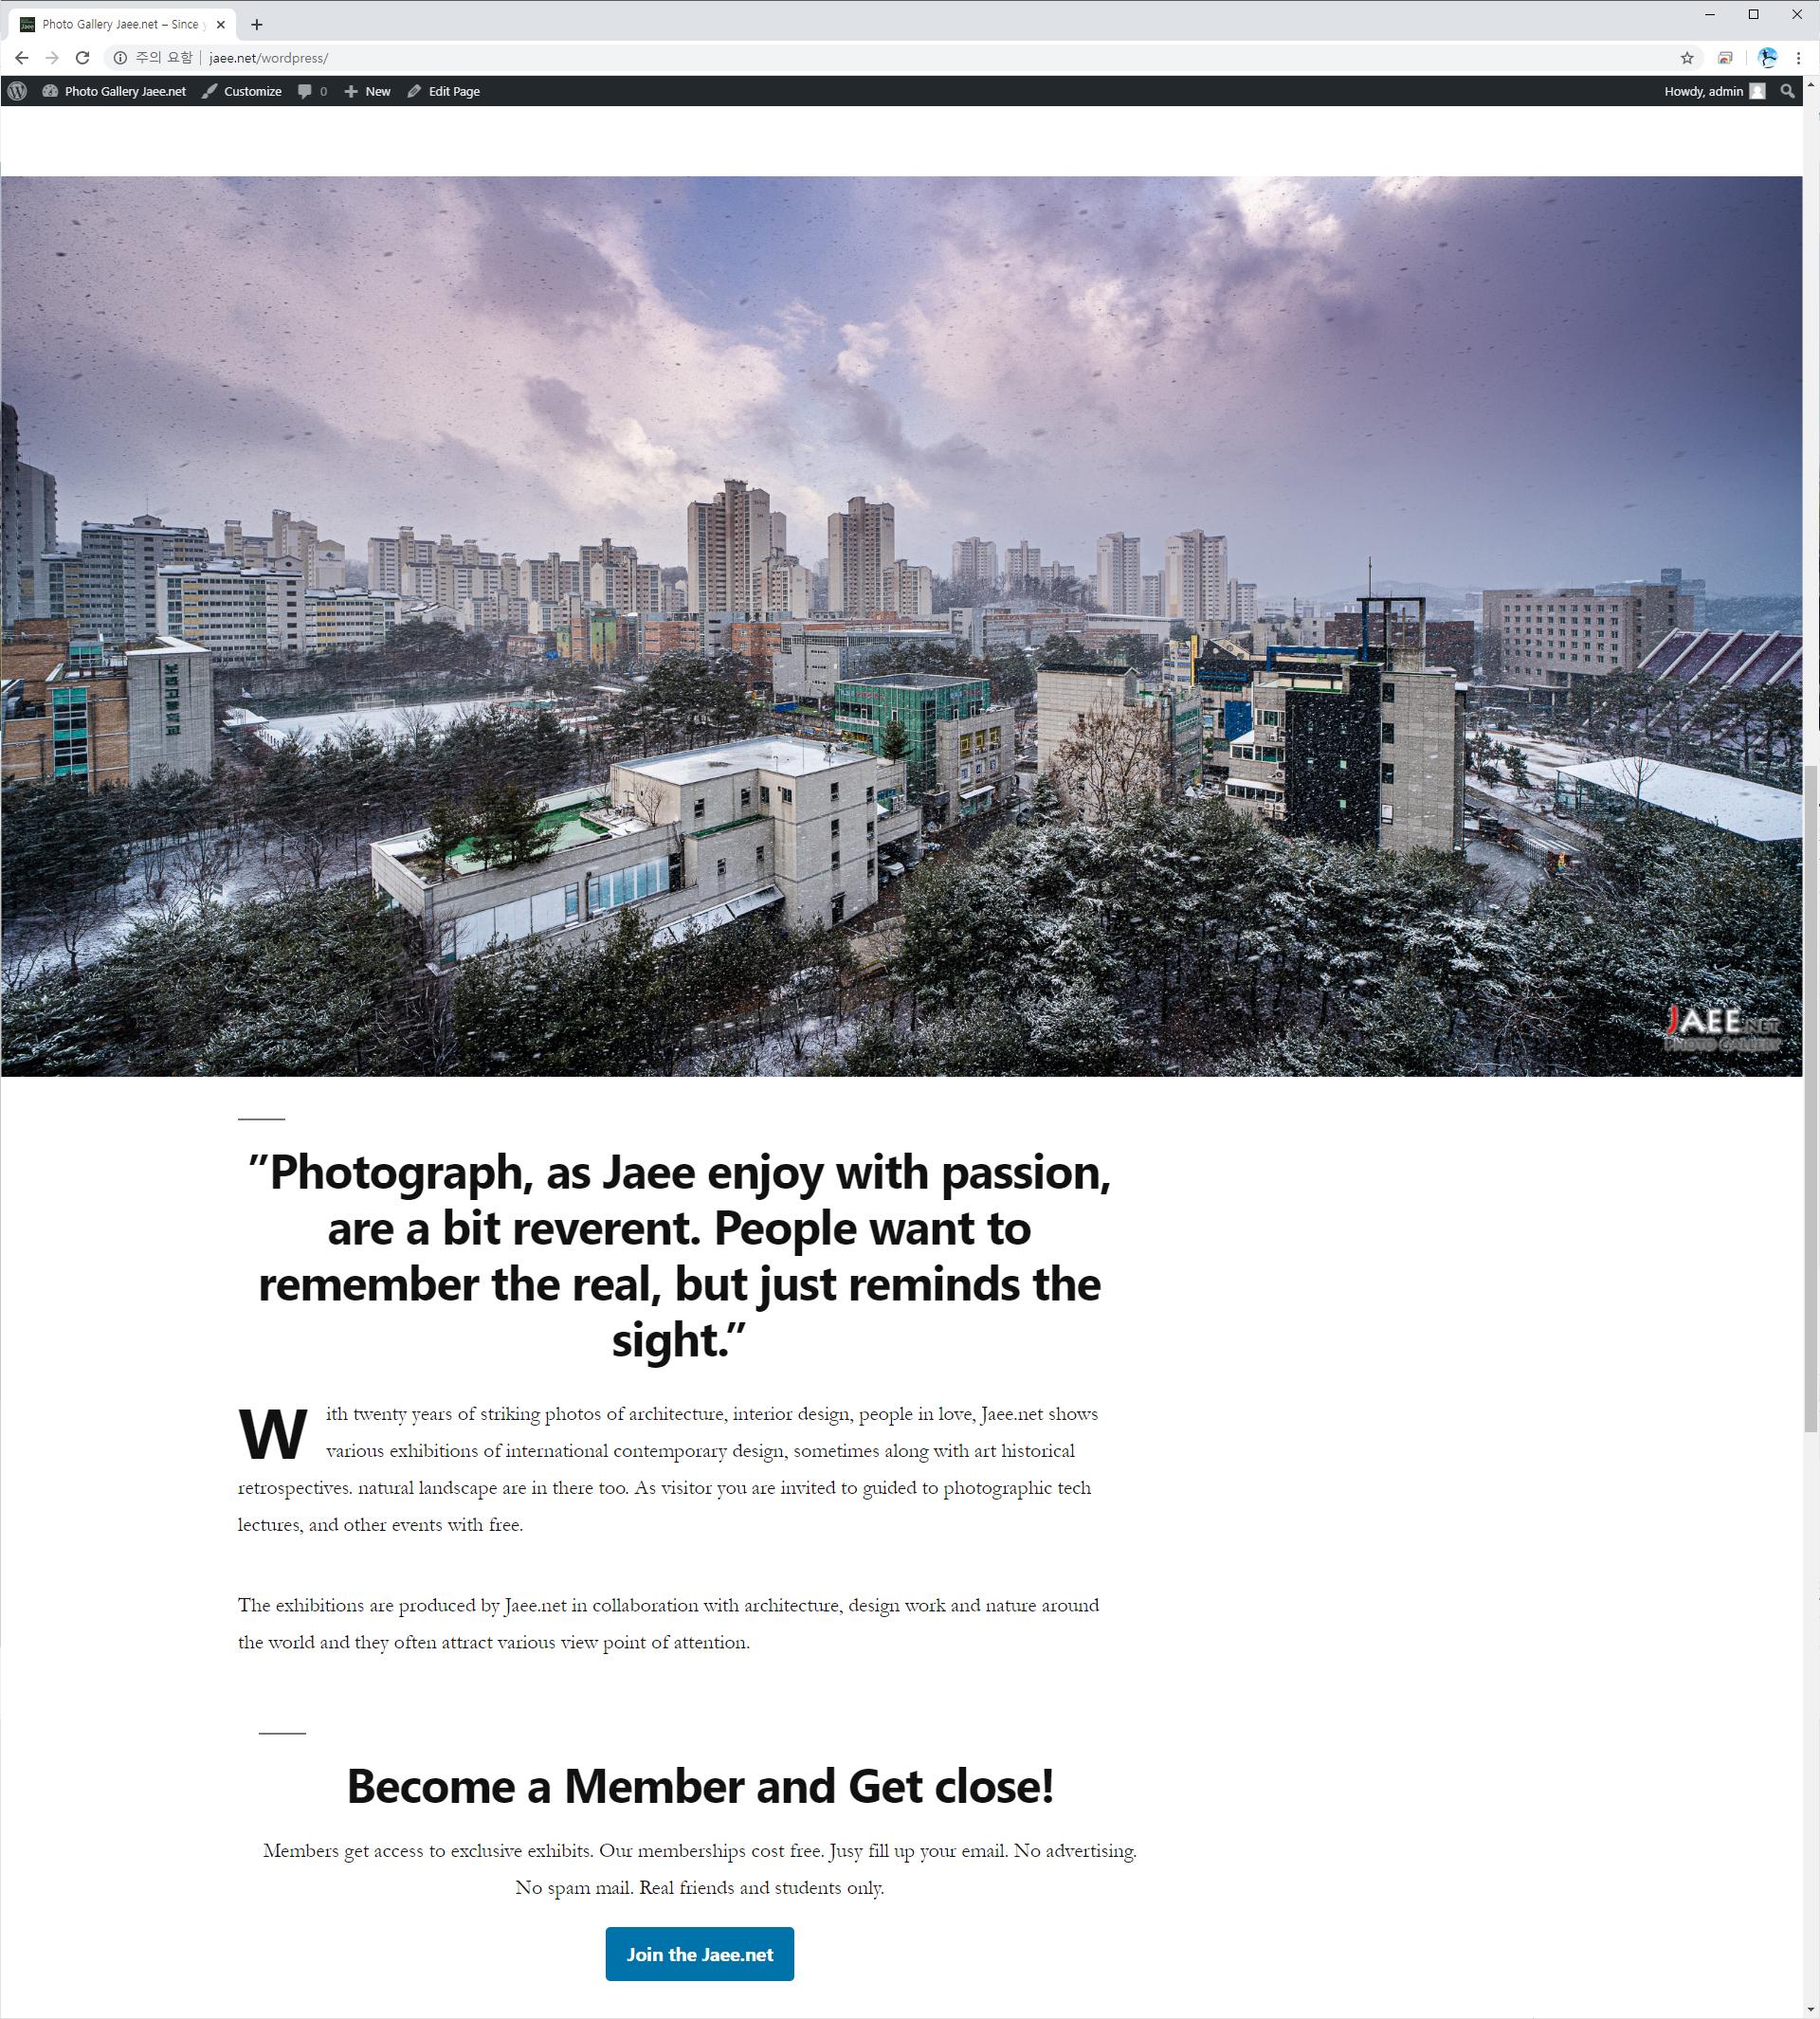 wordpress.2020.2.jpg